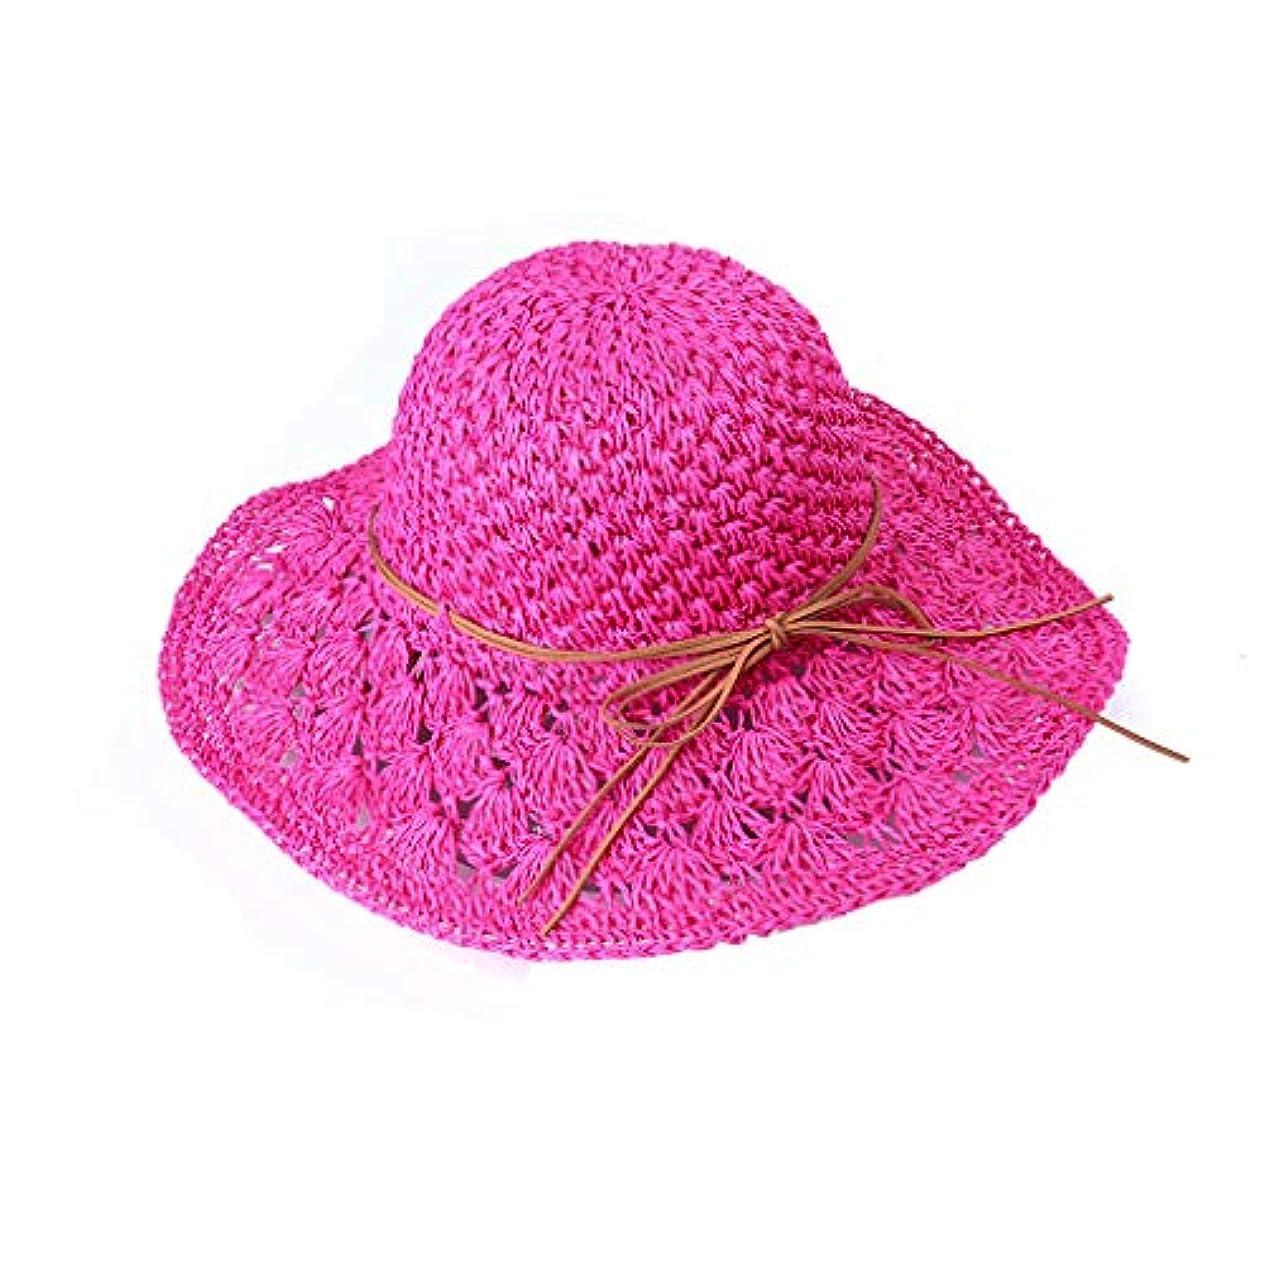 バッフルでる梨帽子 レディース UVカット uv帽 熱中症予防 広幅 取り外すあご紐 スナップ収納 折りたたみ つば広 調節テープ 吸汗通気 つば広 紫外線カット サファリハット 紫外線対策 おしゃれ 高級感 ROSE ROMAN